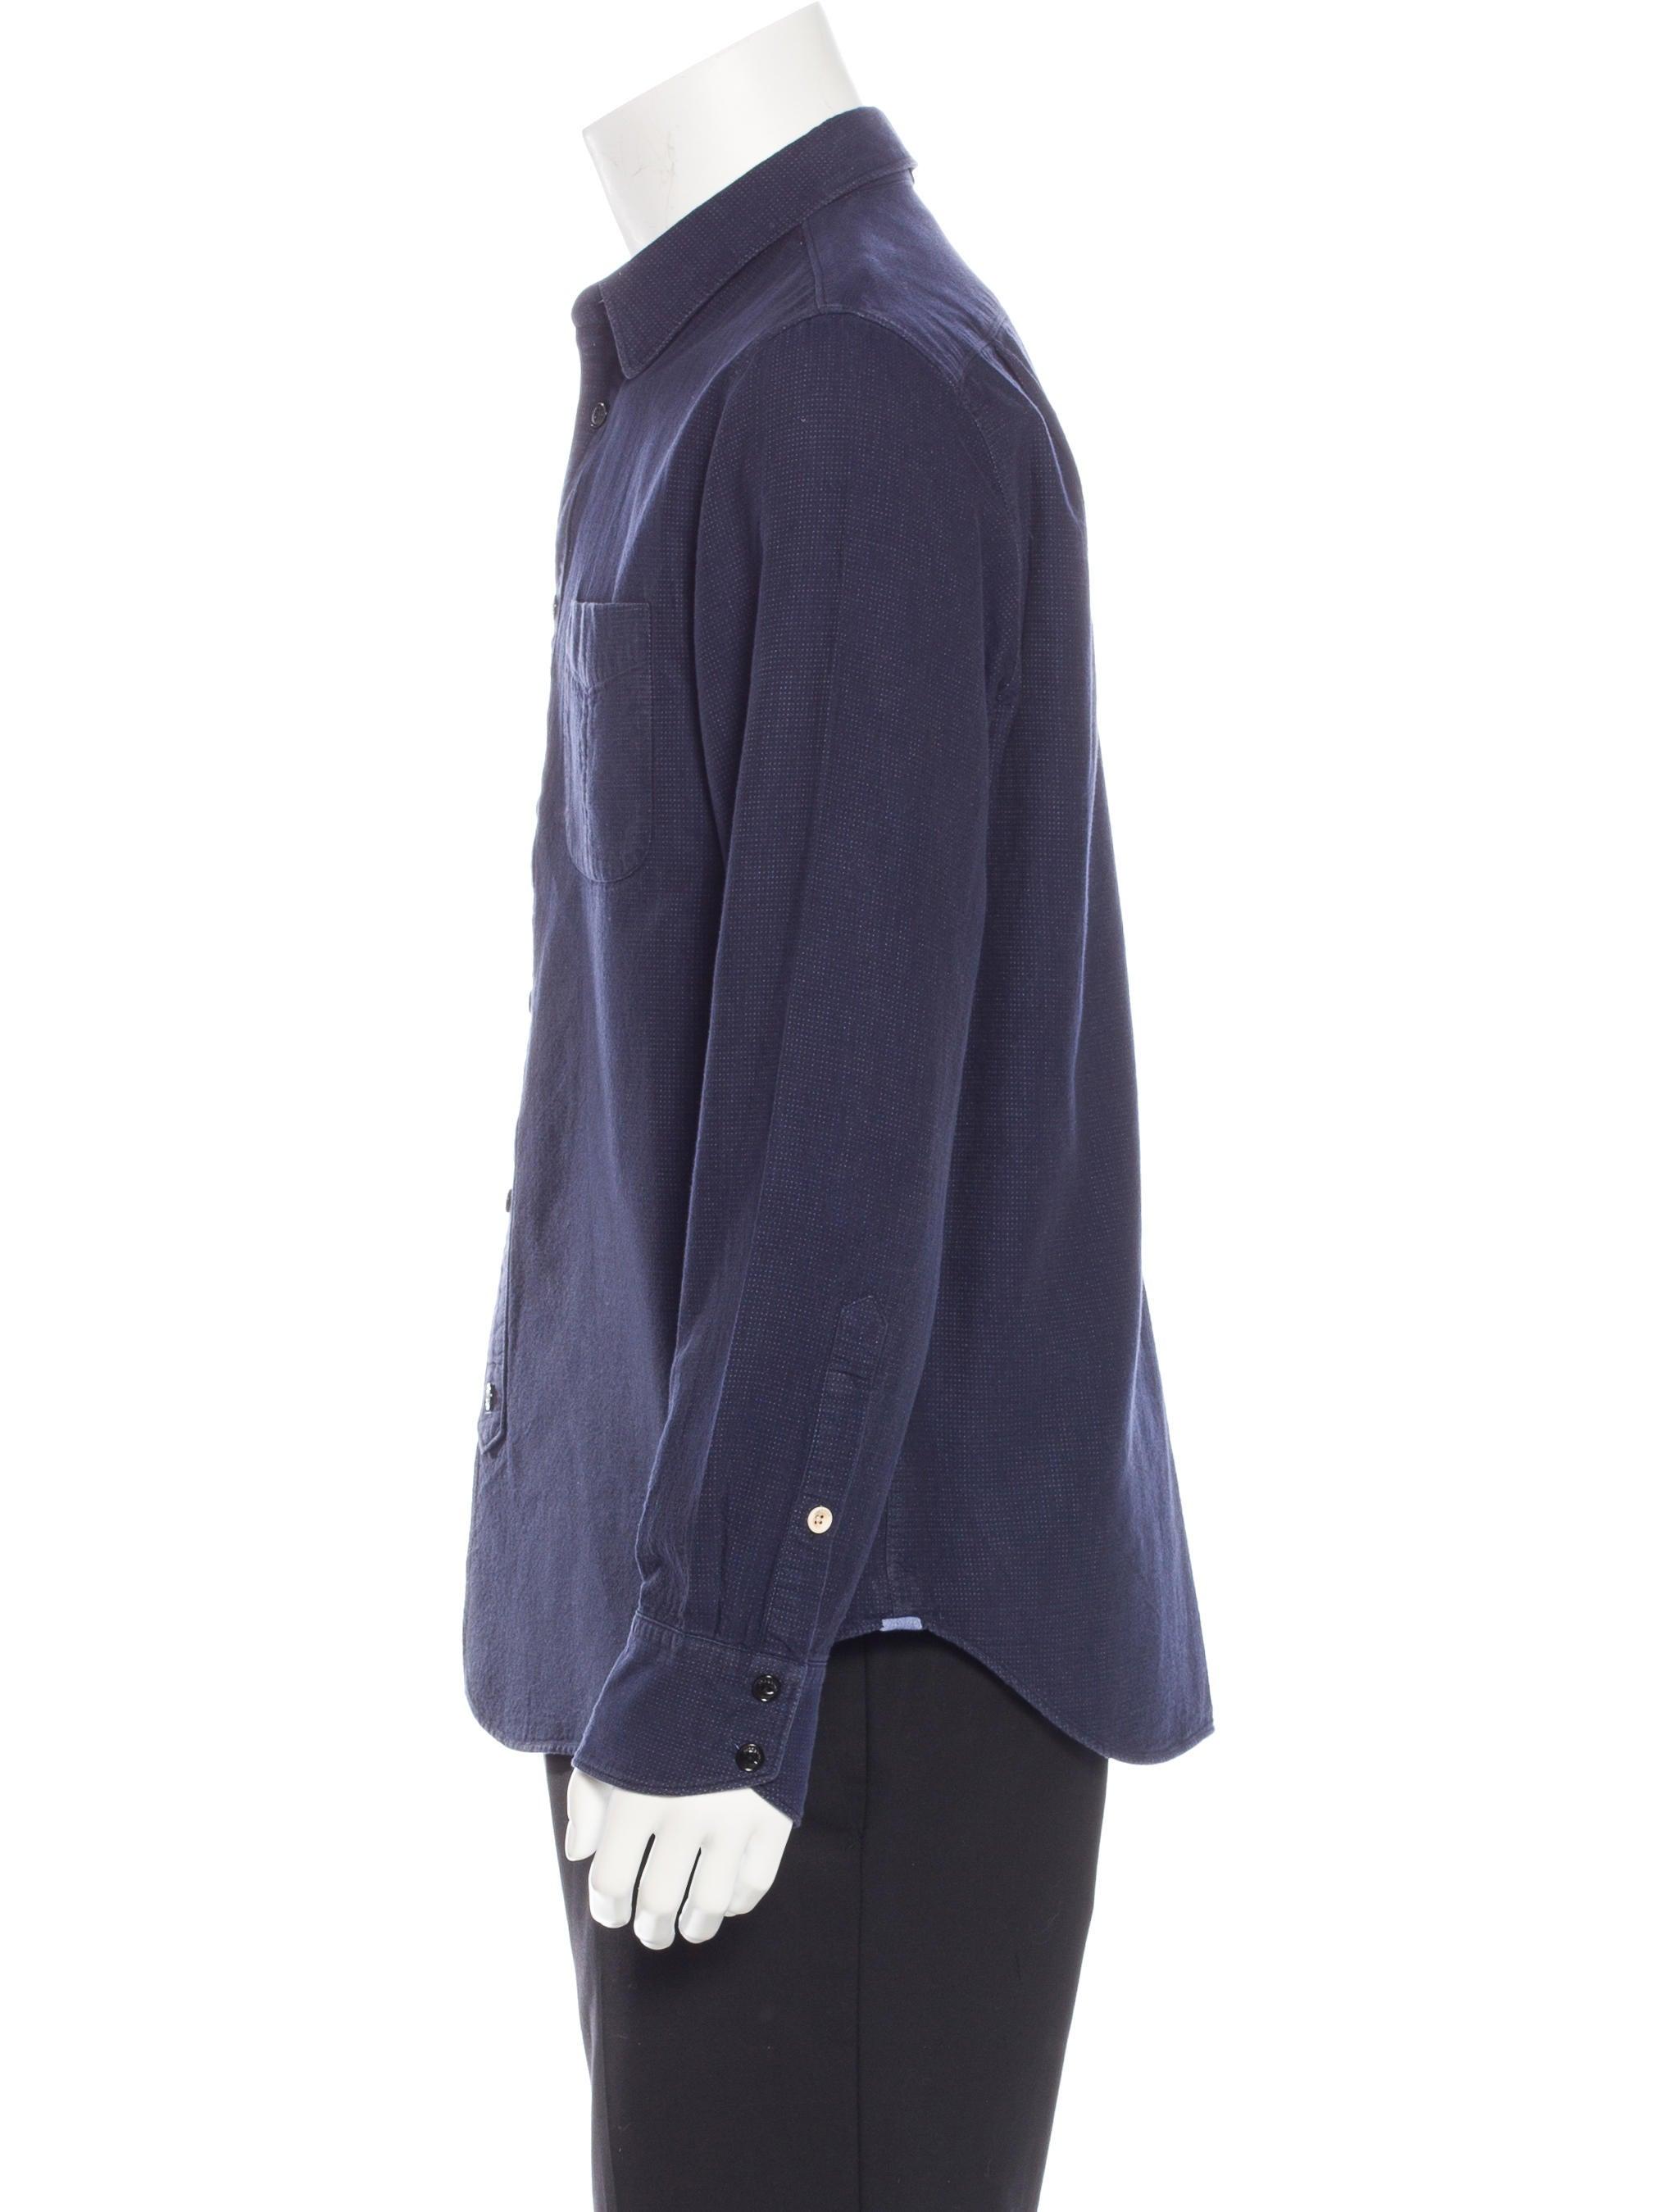 Rag Amp Bone Slim Fit Woven Shirt Clothing Wragb68104